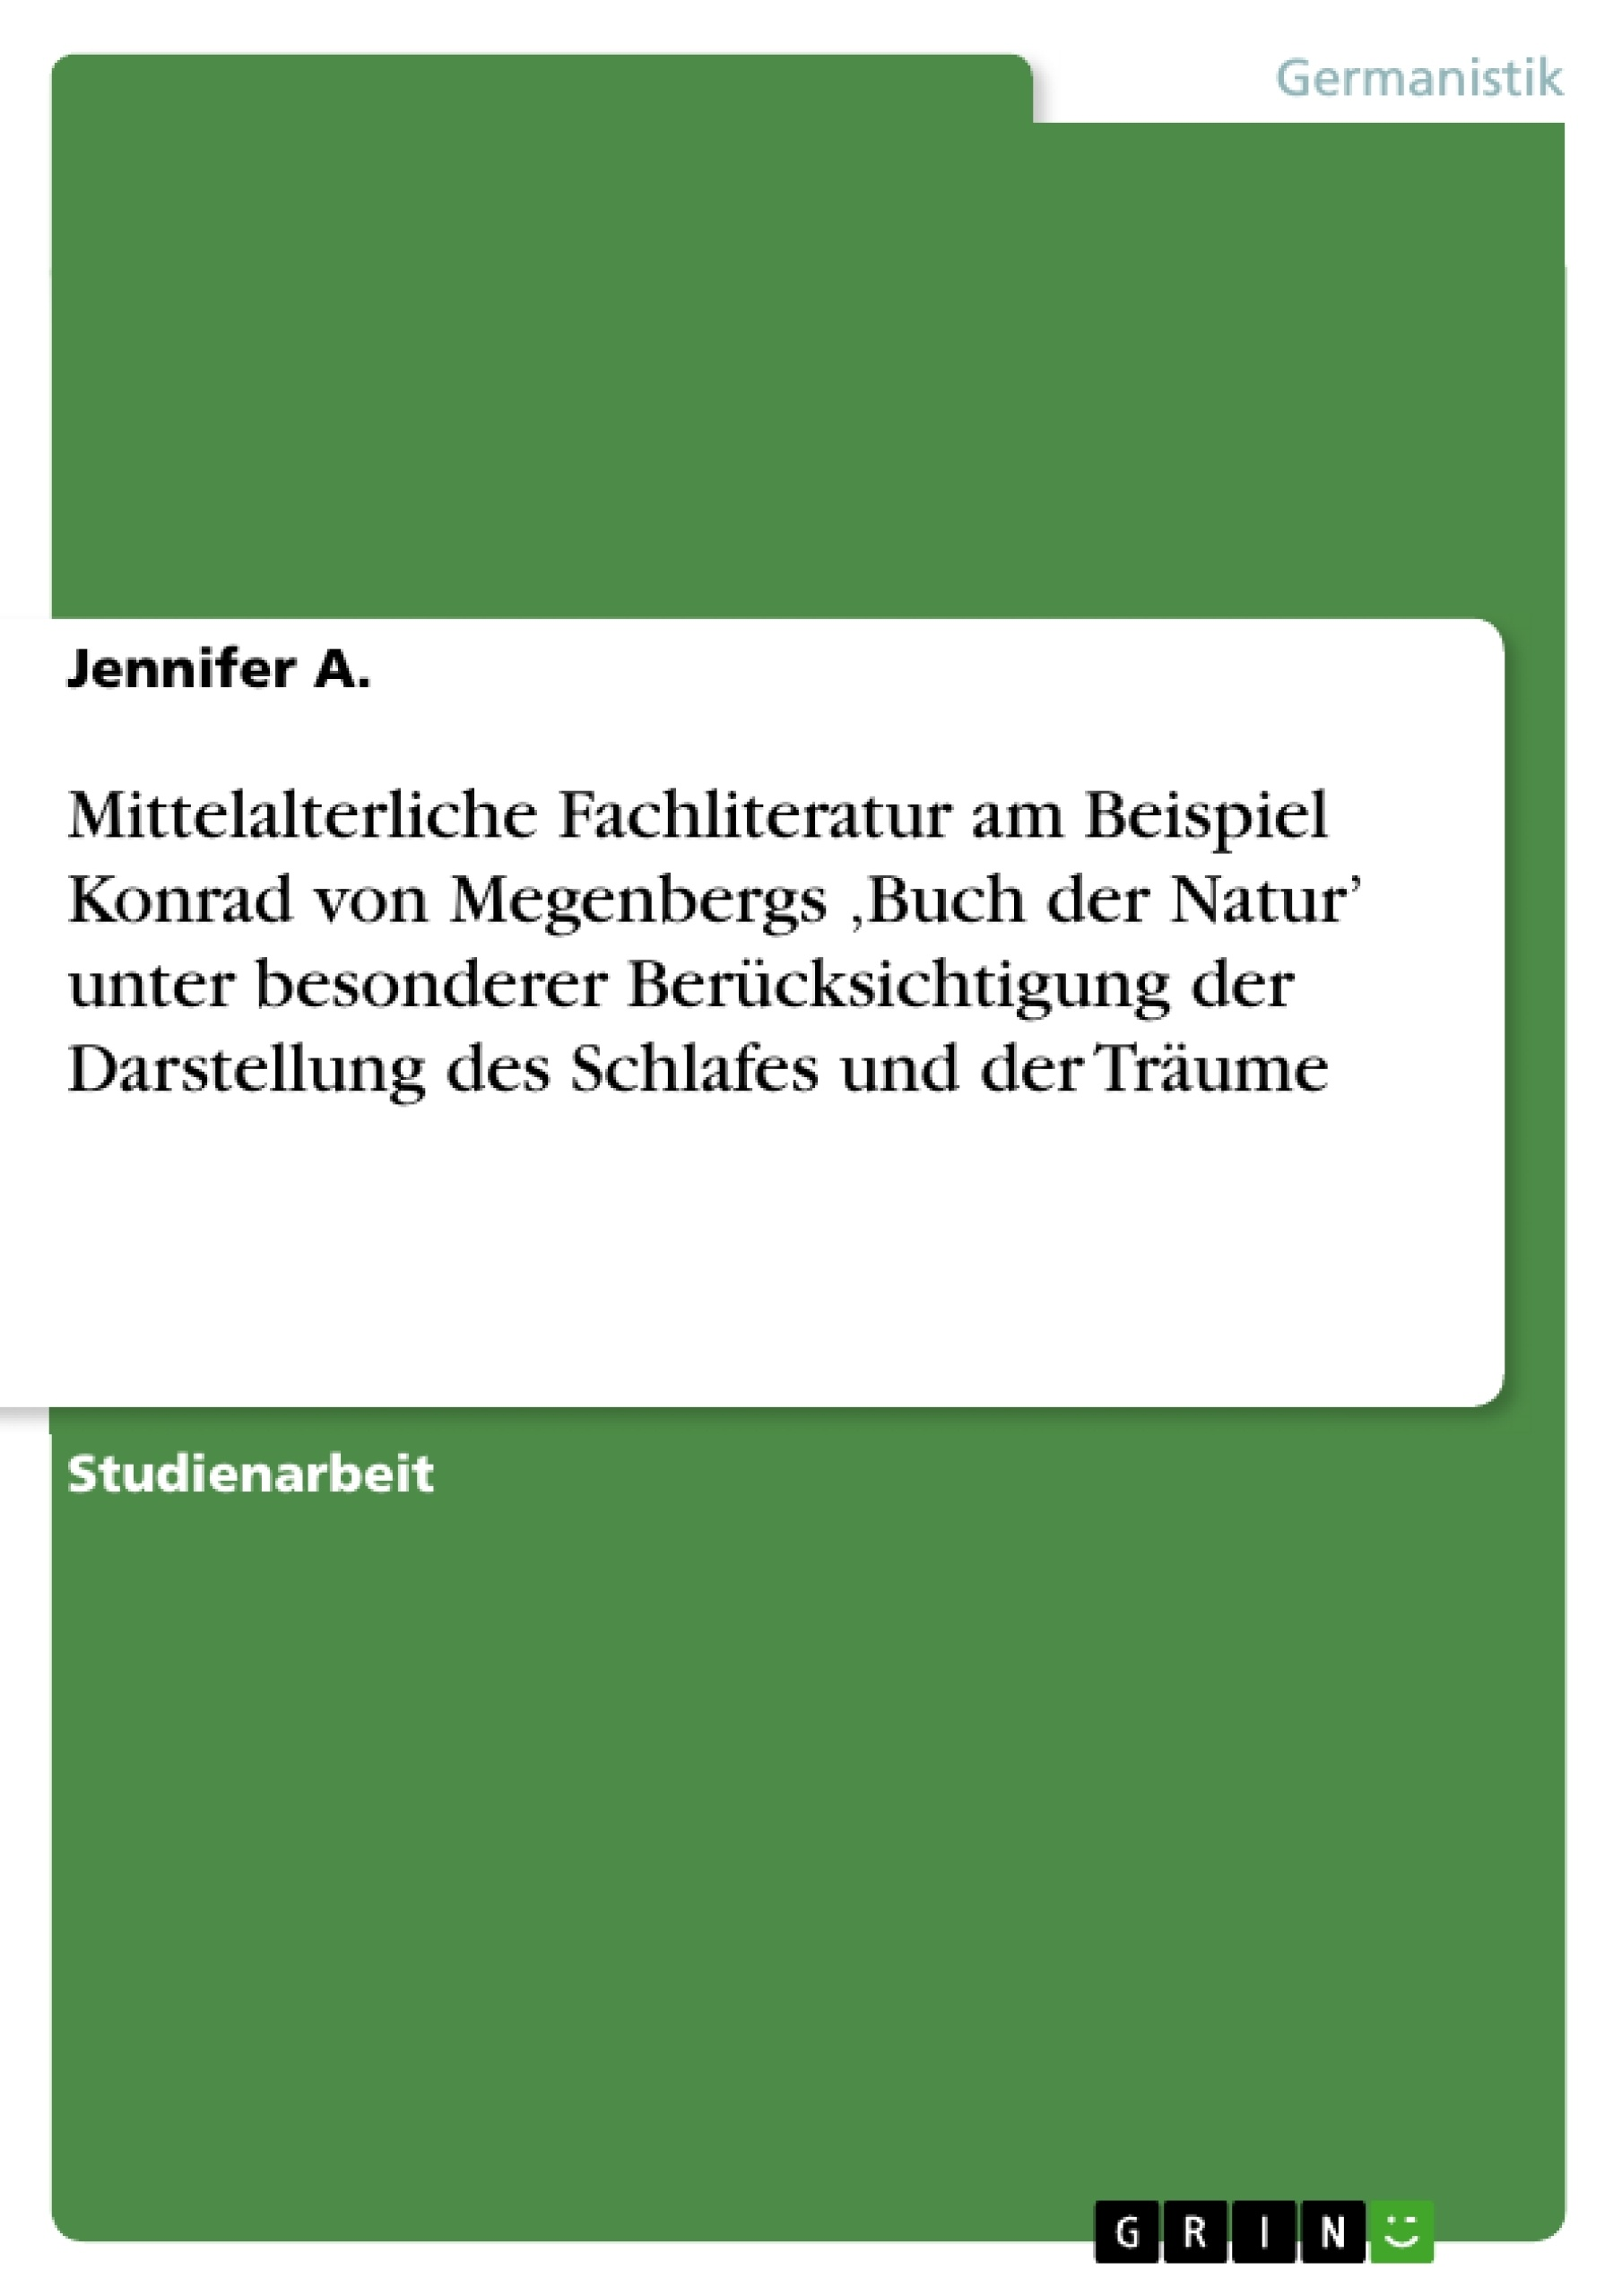 Titel: Mittelalterliche Fachliteratur am Beispiel Konrad von Megenbergs 'Buch der Natur' unter besonderer Berücksichtigung der Darstellung des Schlafes und der Träume